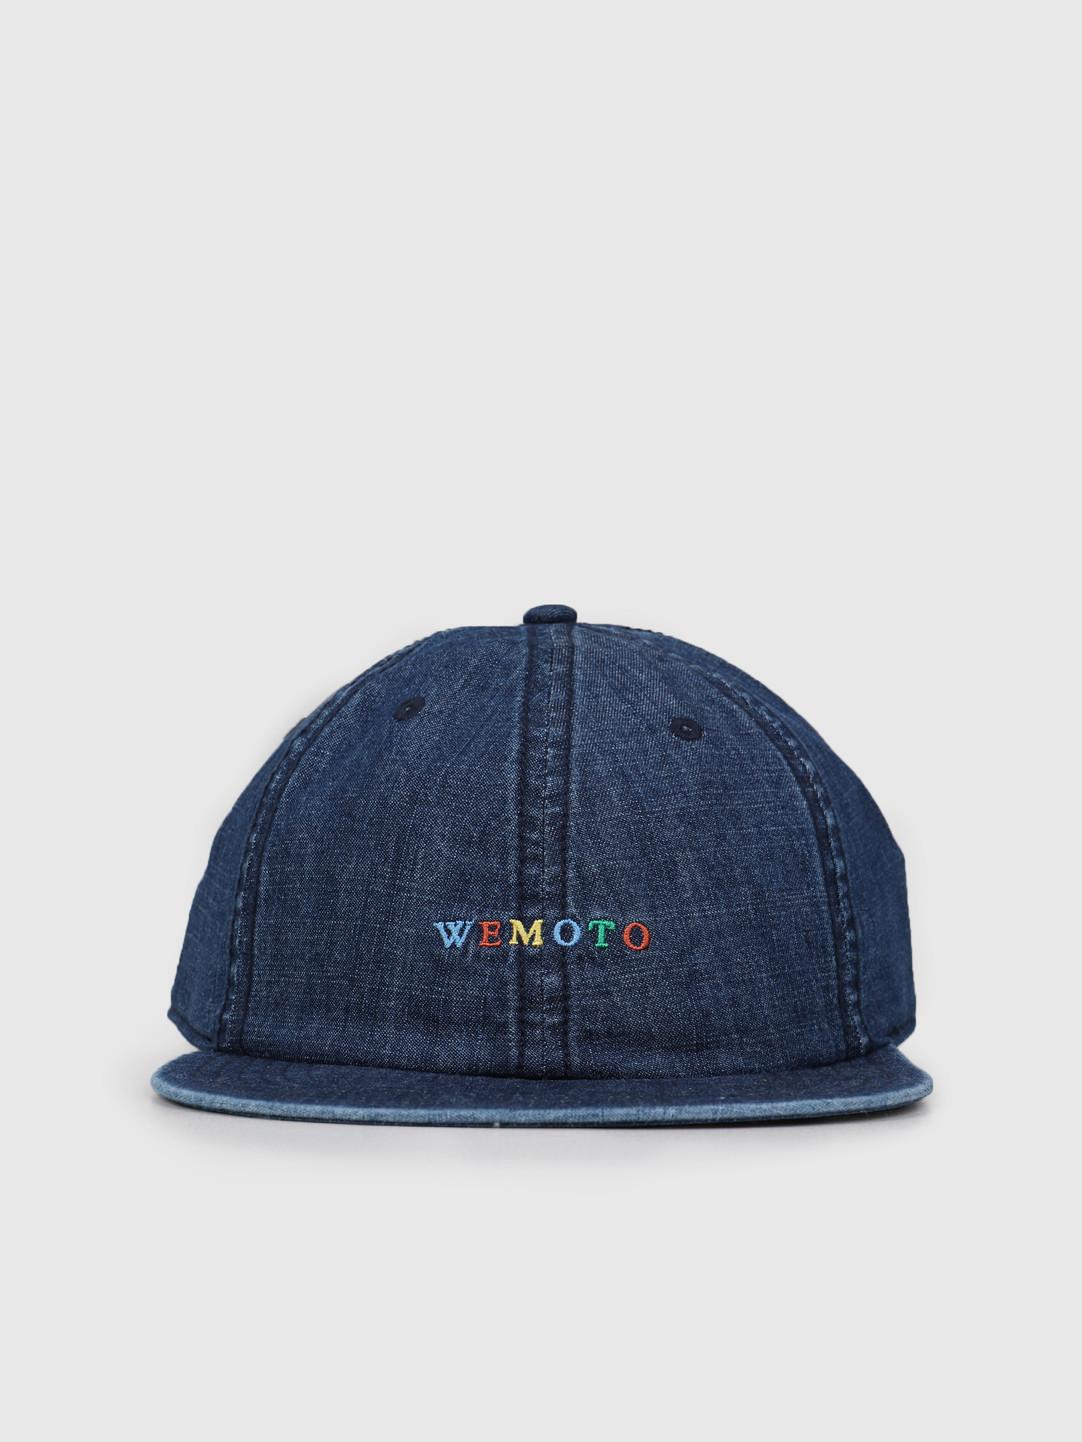 Wemoto Wemoto Colors Cap Blue Denim 133.802-473